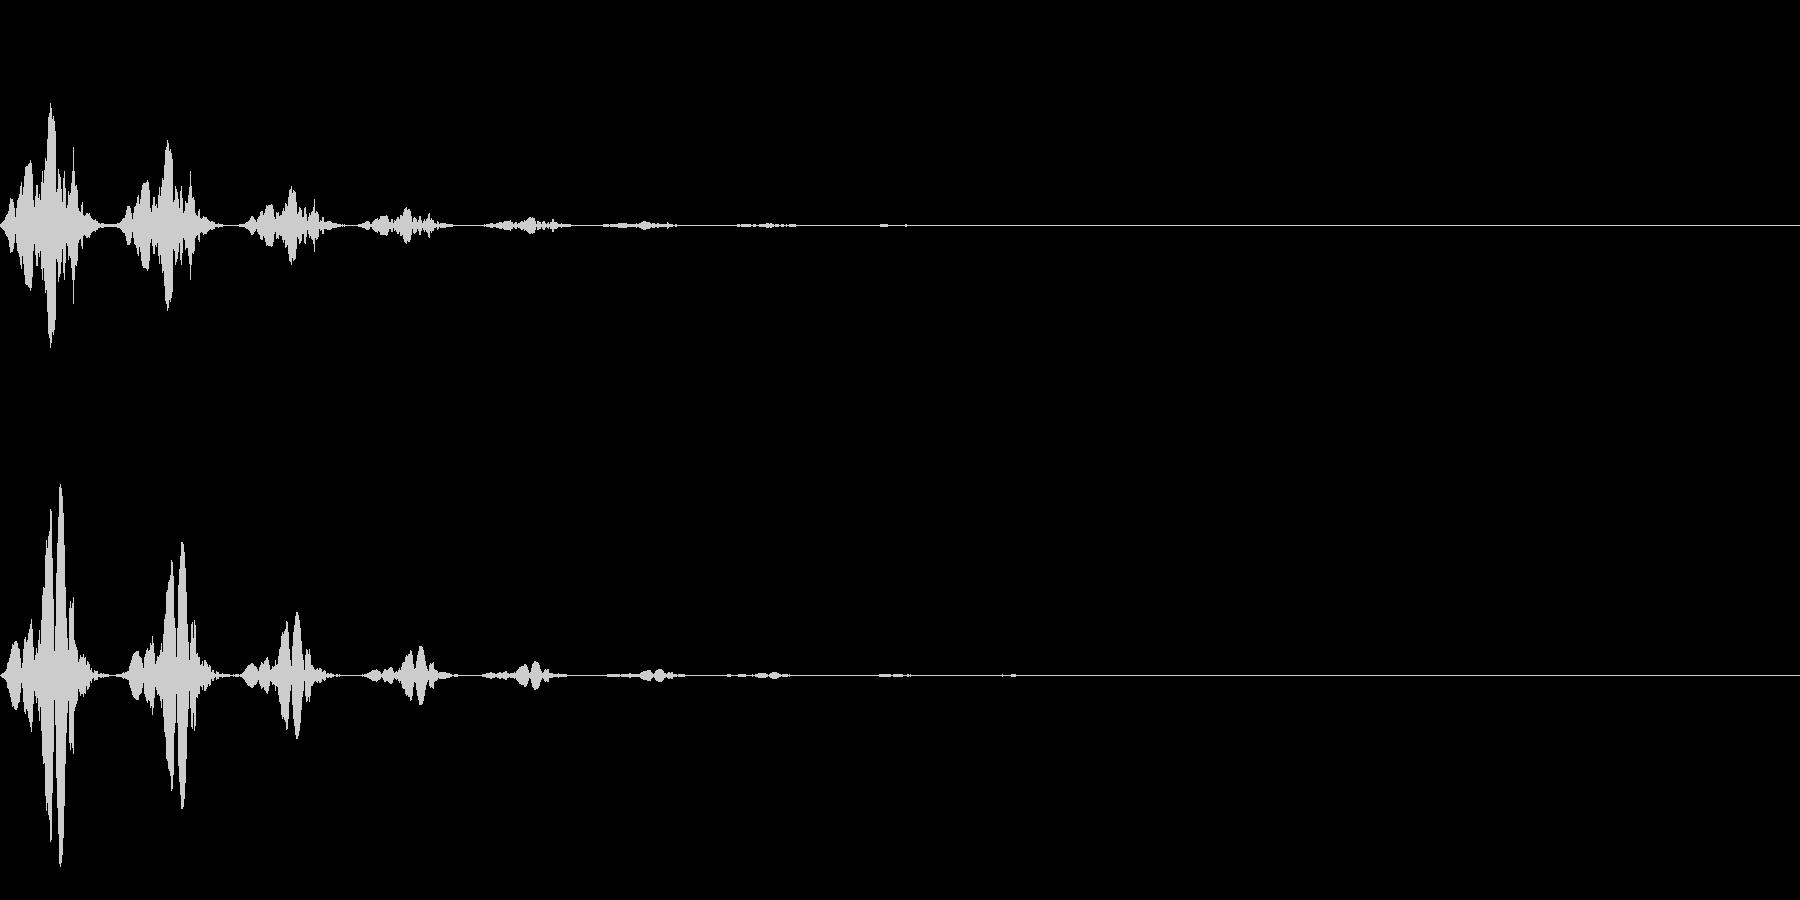 TVFX テレビ向けモーションSE 1の未再生の波形